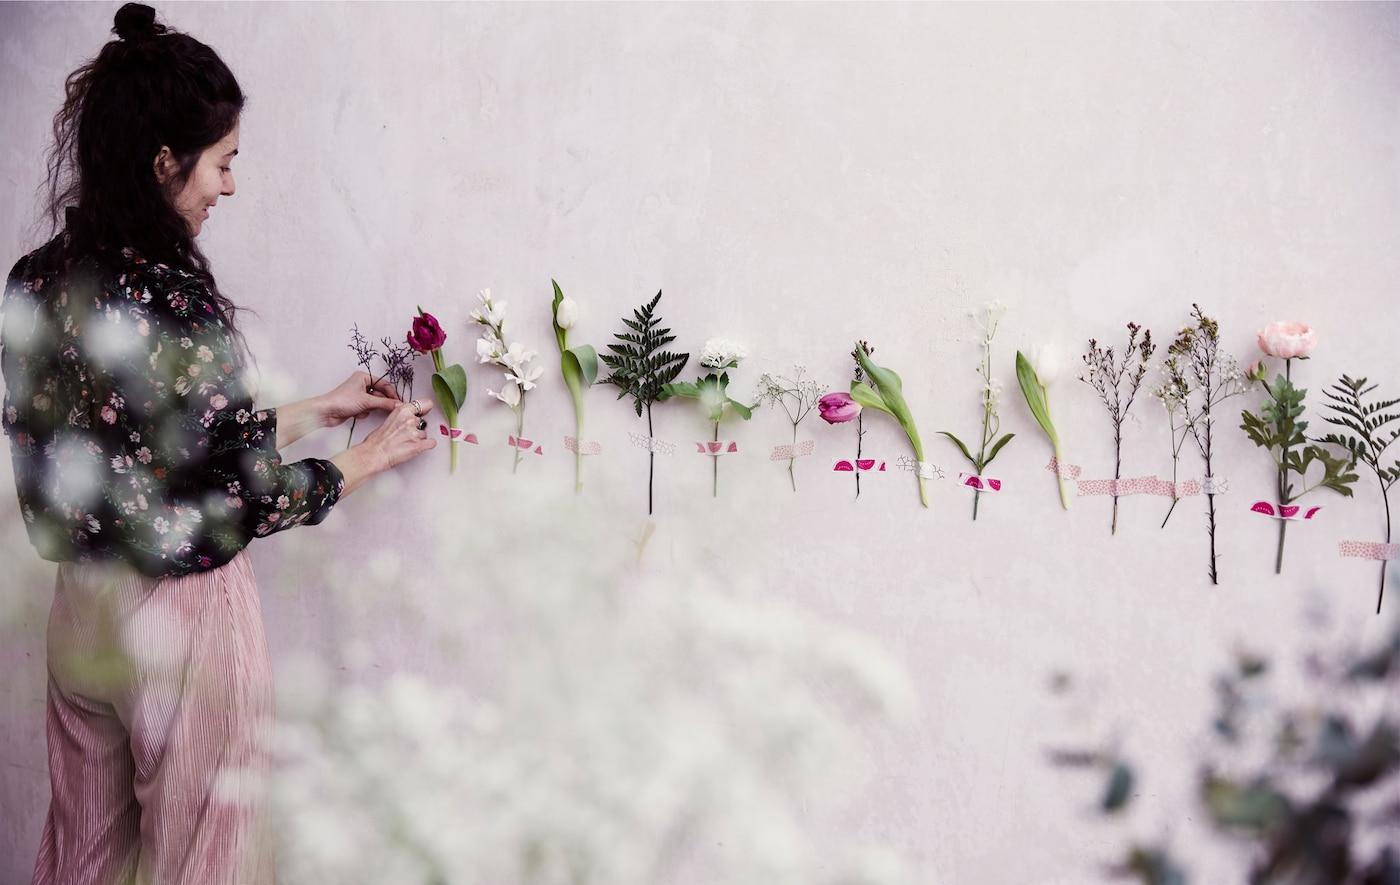 À l'aide de ruban adhésif, Julia colle des fleurs sur un mur blanc.